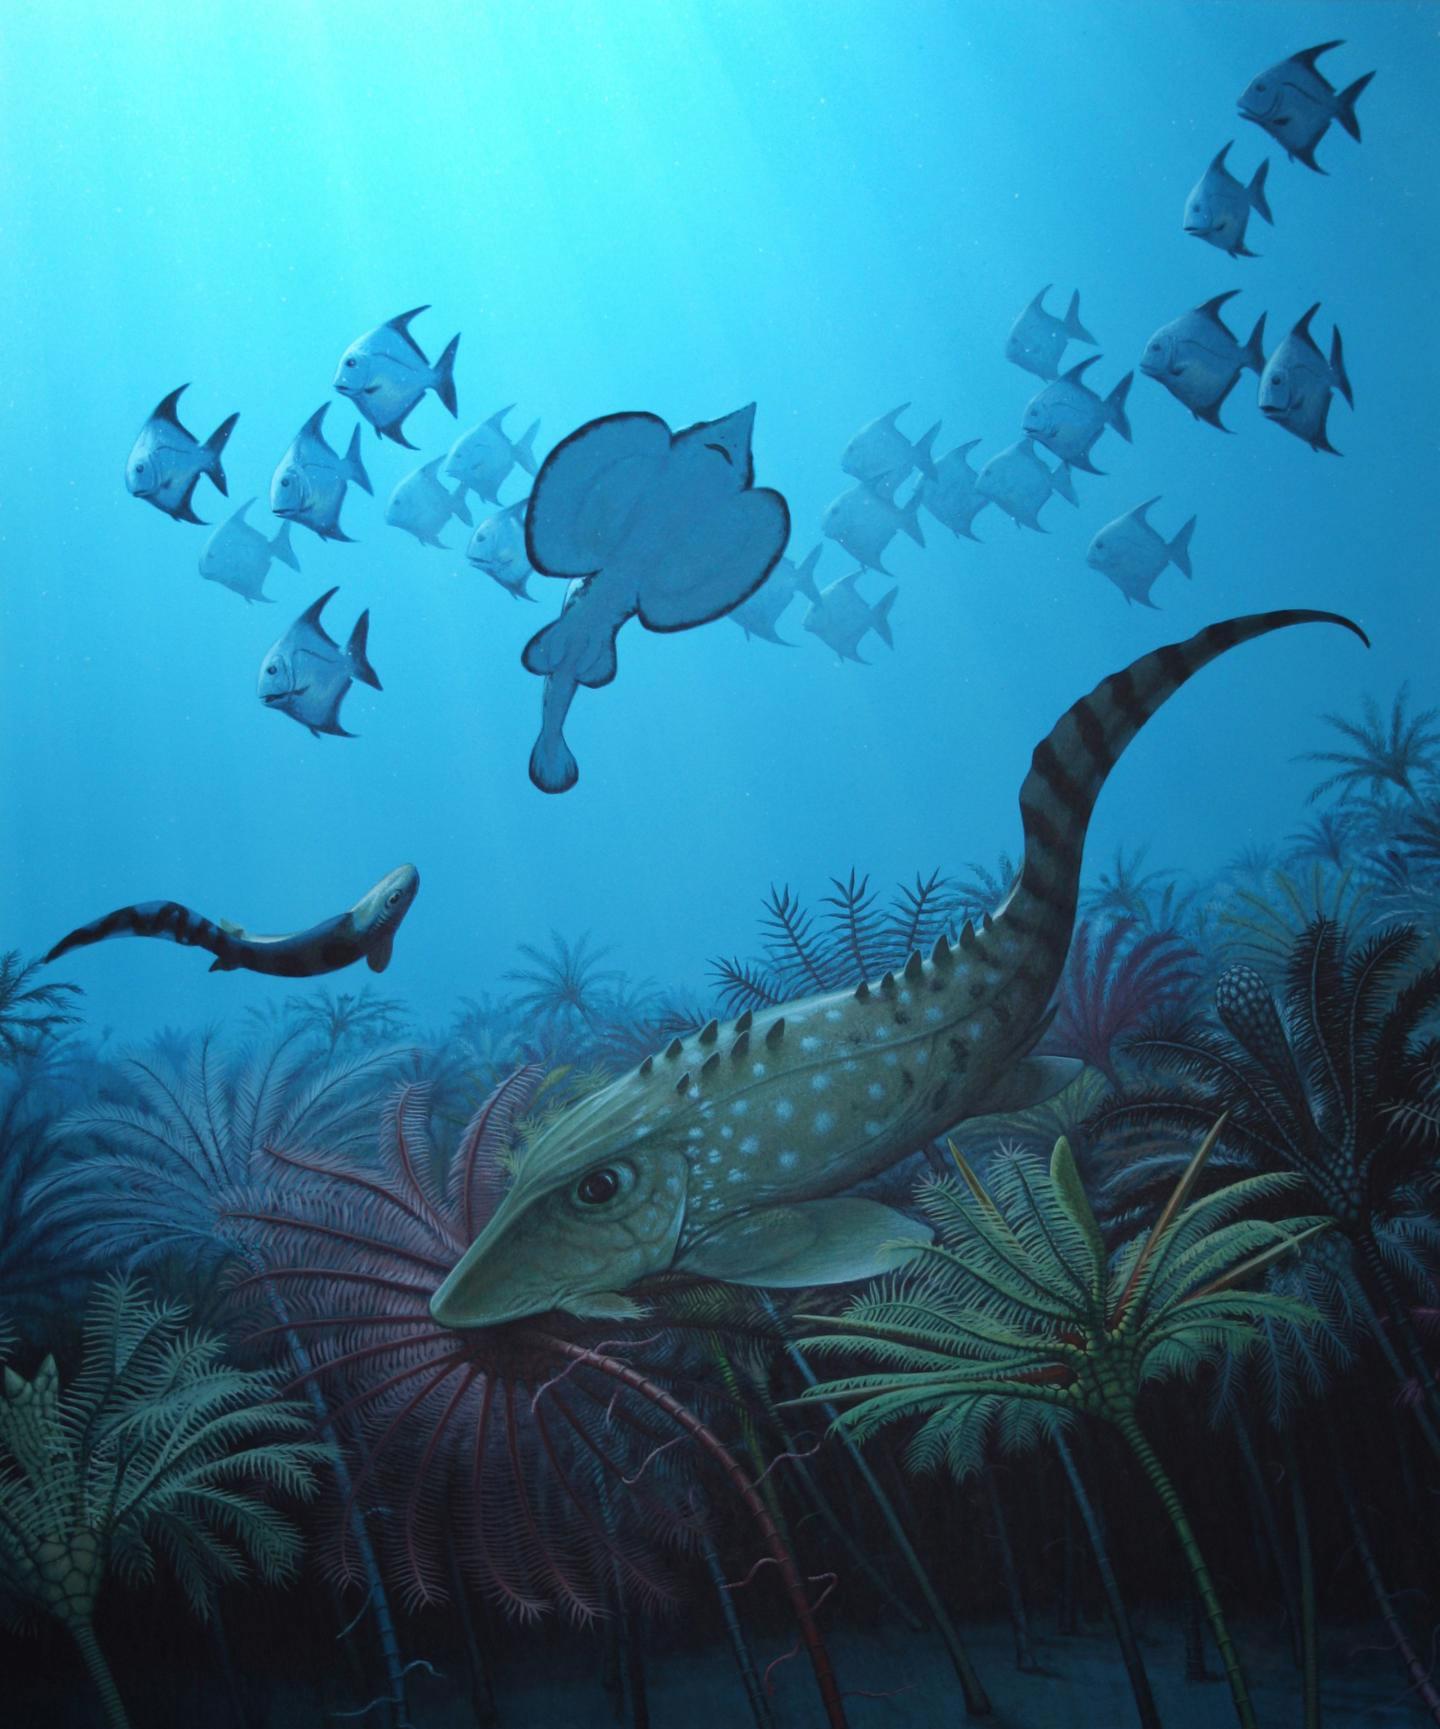 在密西西比纪开始时(即在被称作 Hangenberg 事件的物种大灭绝刚刚发生之后),海洋由小型鱼类主导。